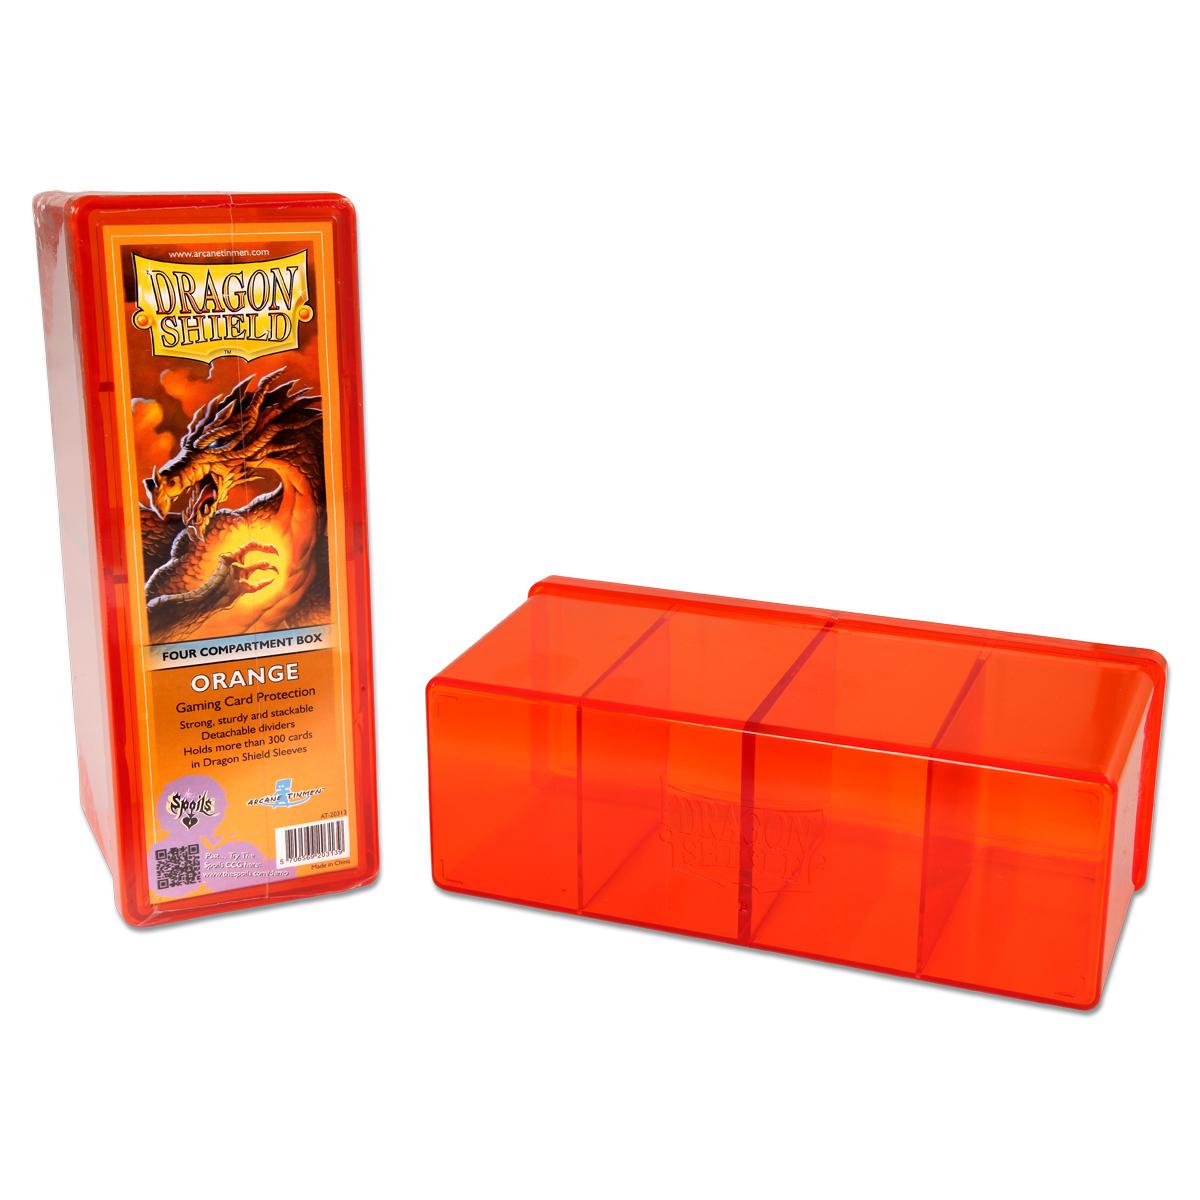 Four Comp Box